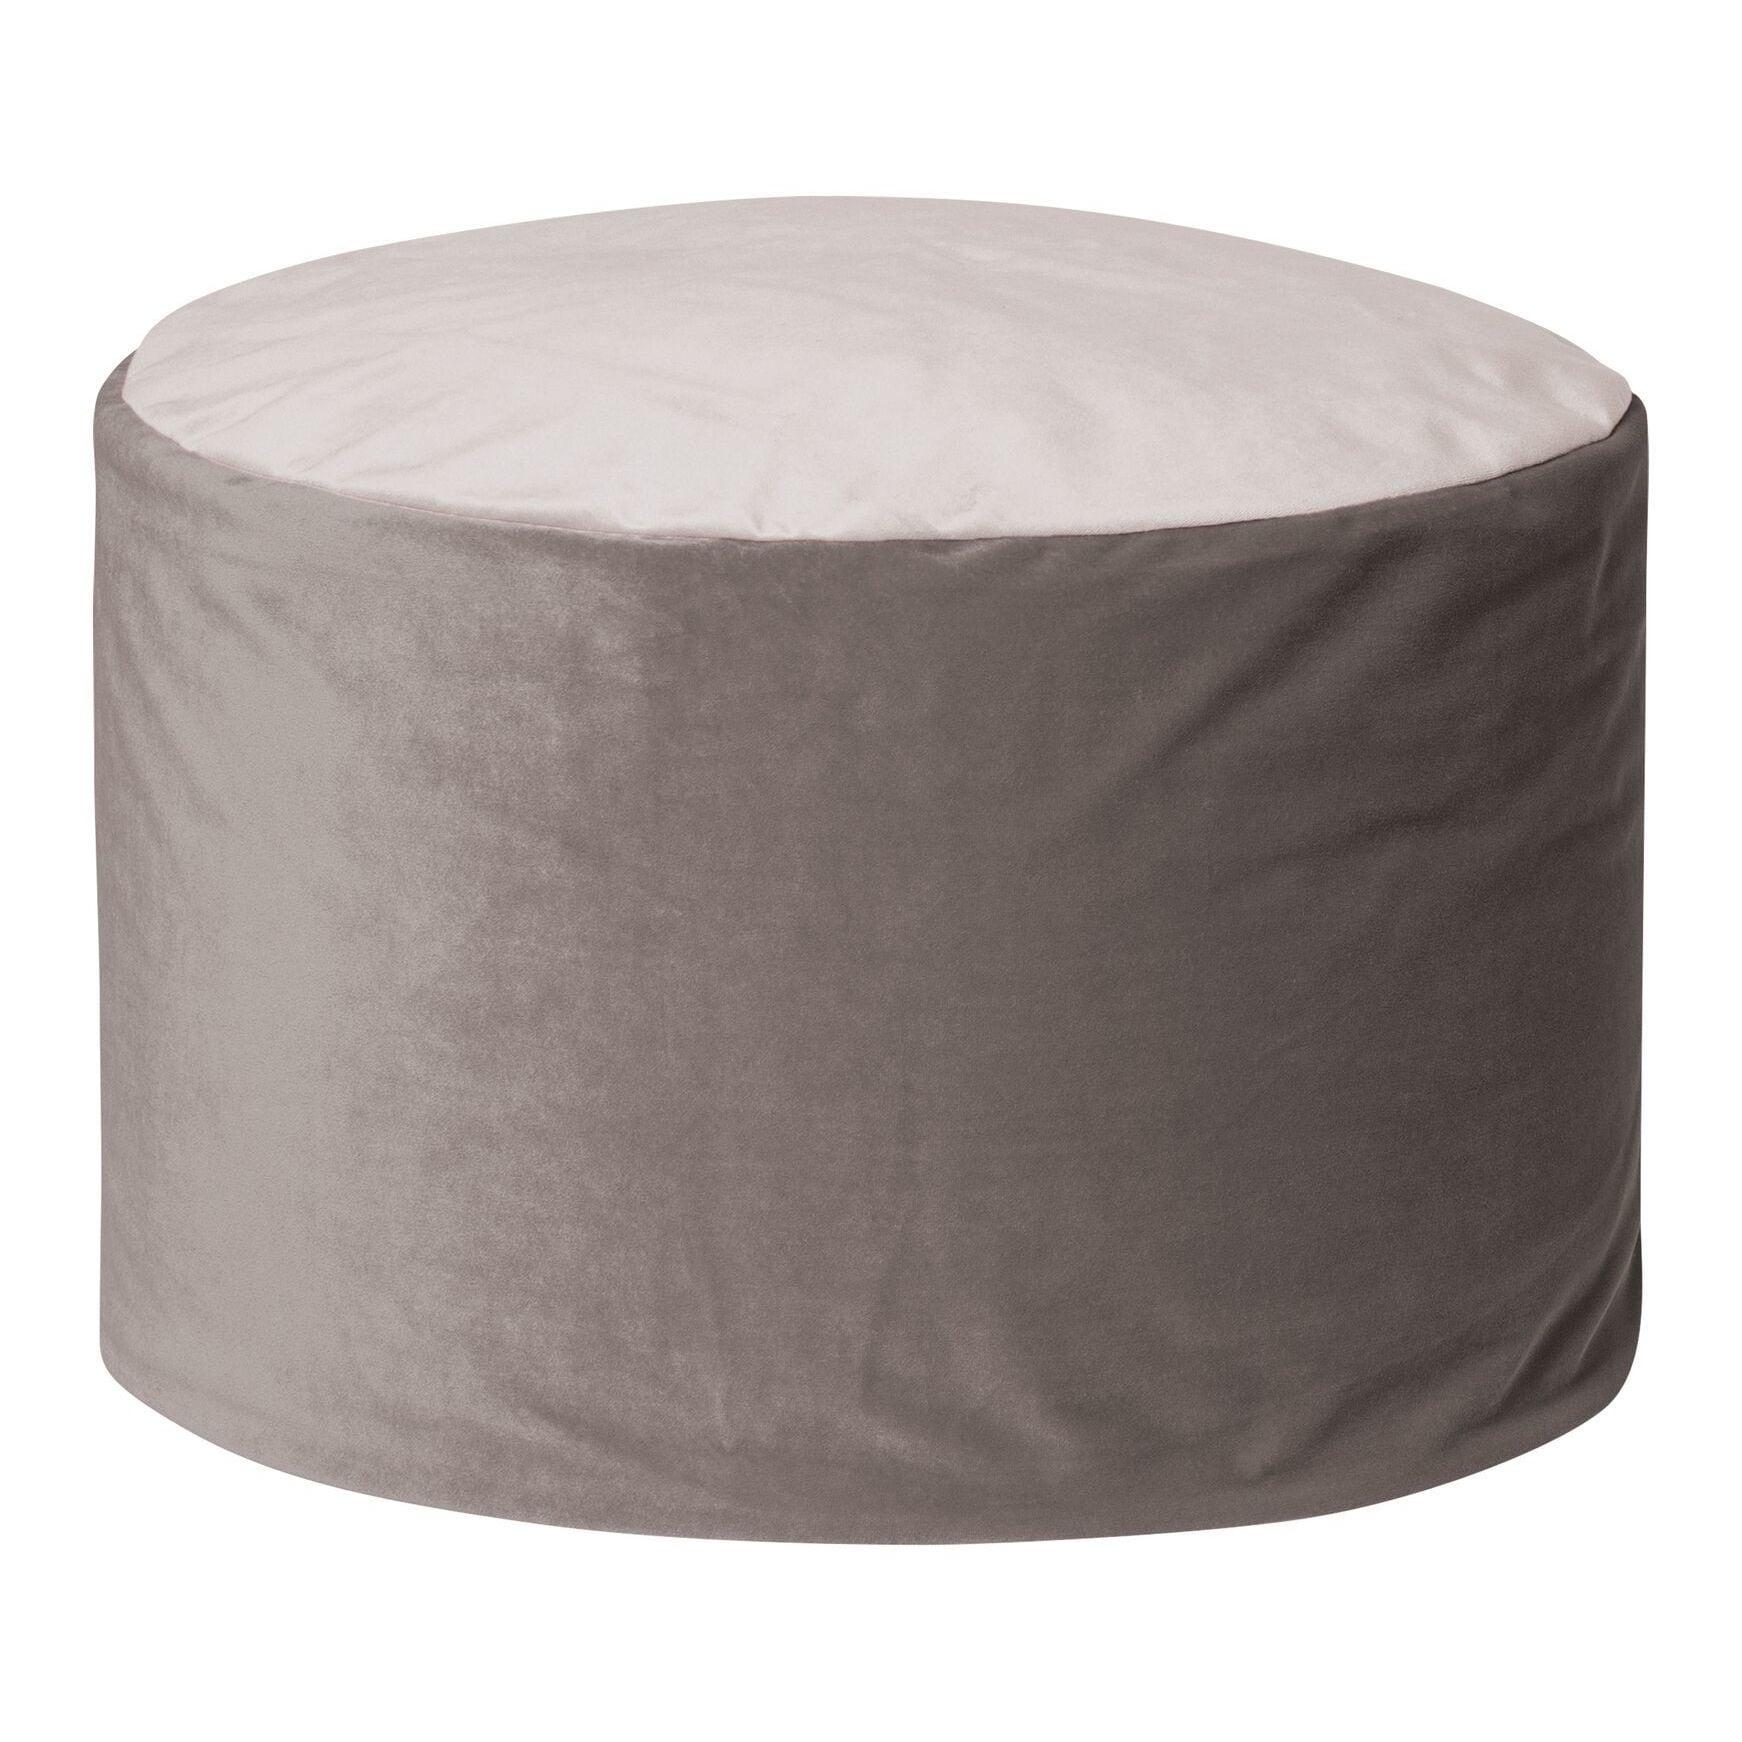 Velvet Bean Bag Pouf Ottoman - Free Shipping Today - Overstock.com ...